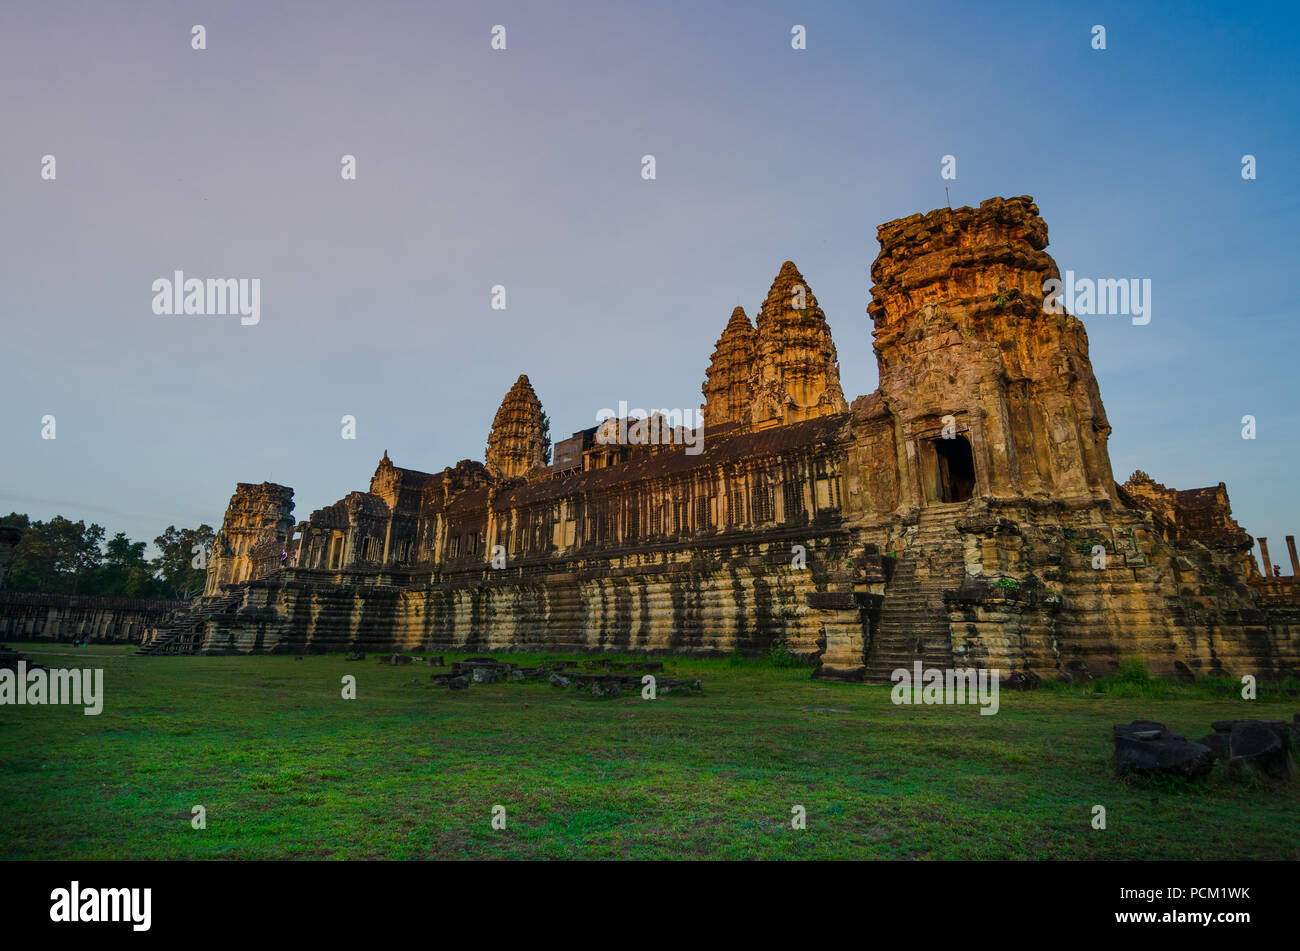 Angkor Wat temple, à partir de la face ouest, au lever du soleil. Siem Reap, Cambodge. Photo Stock